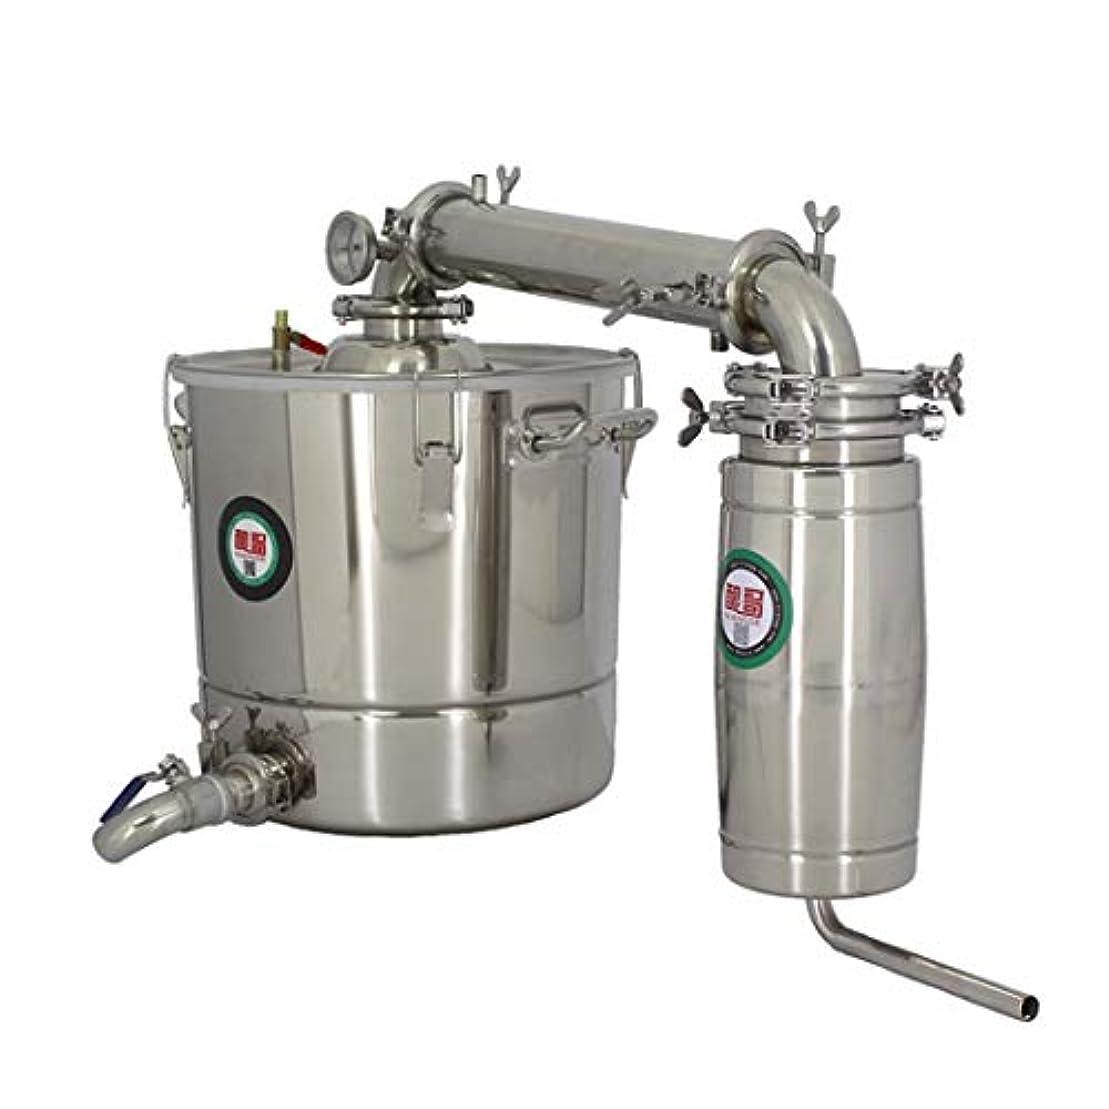 分割正確な分割Hanchen 小型ワイン醸造設備 水蒸気蒸留 30L発酵タンク 縦型?横型取り付け 50度5kg/30度7kg ステンレス鋼製 家庭用